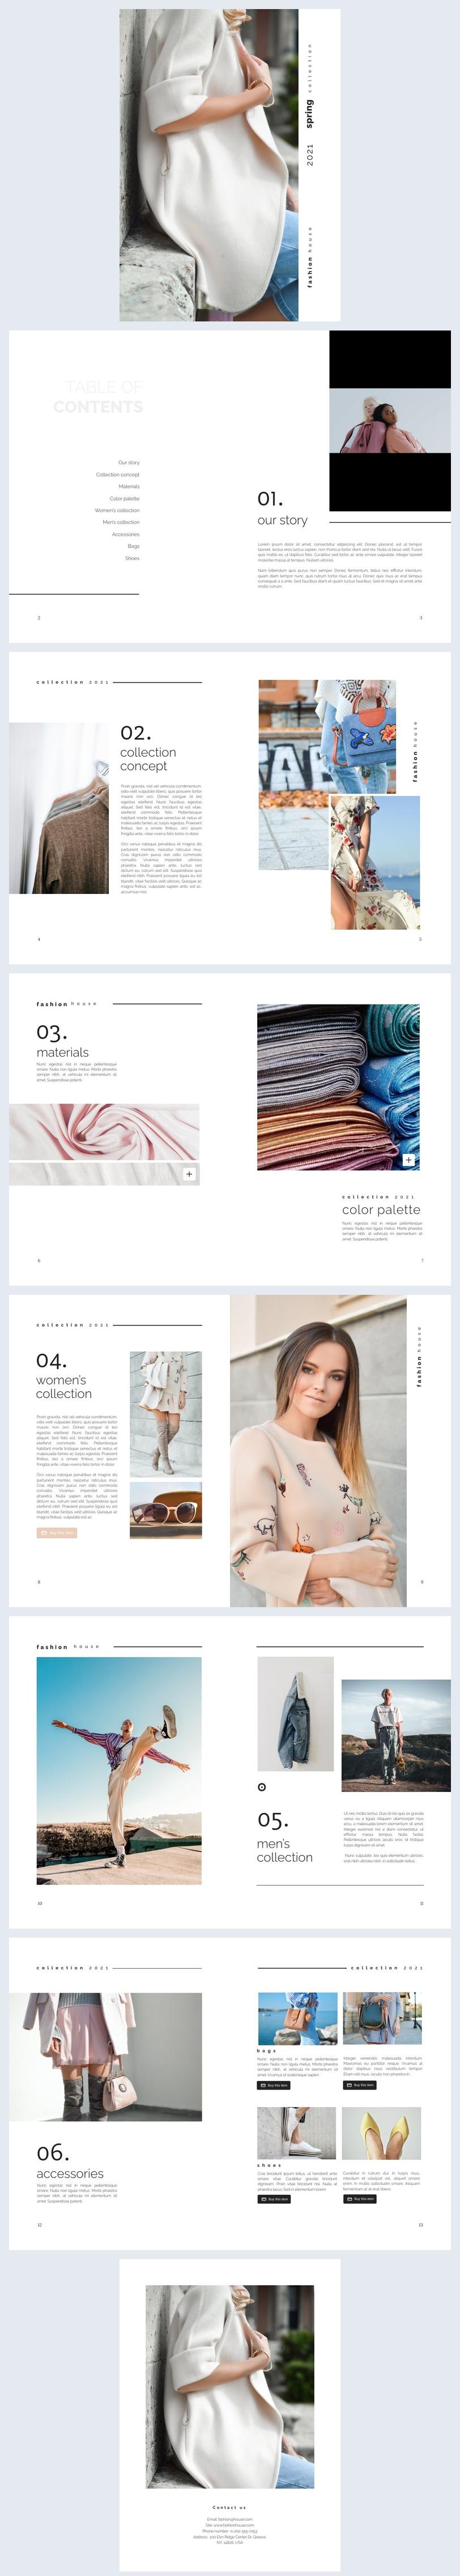 Interactief Mode Tijdschrift Ontwerp